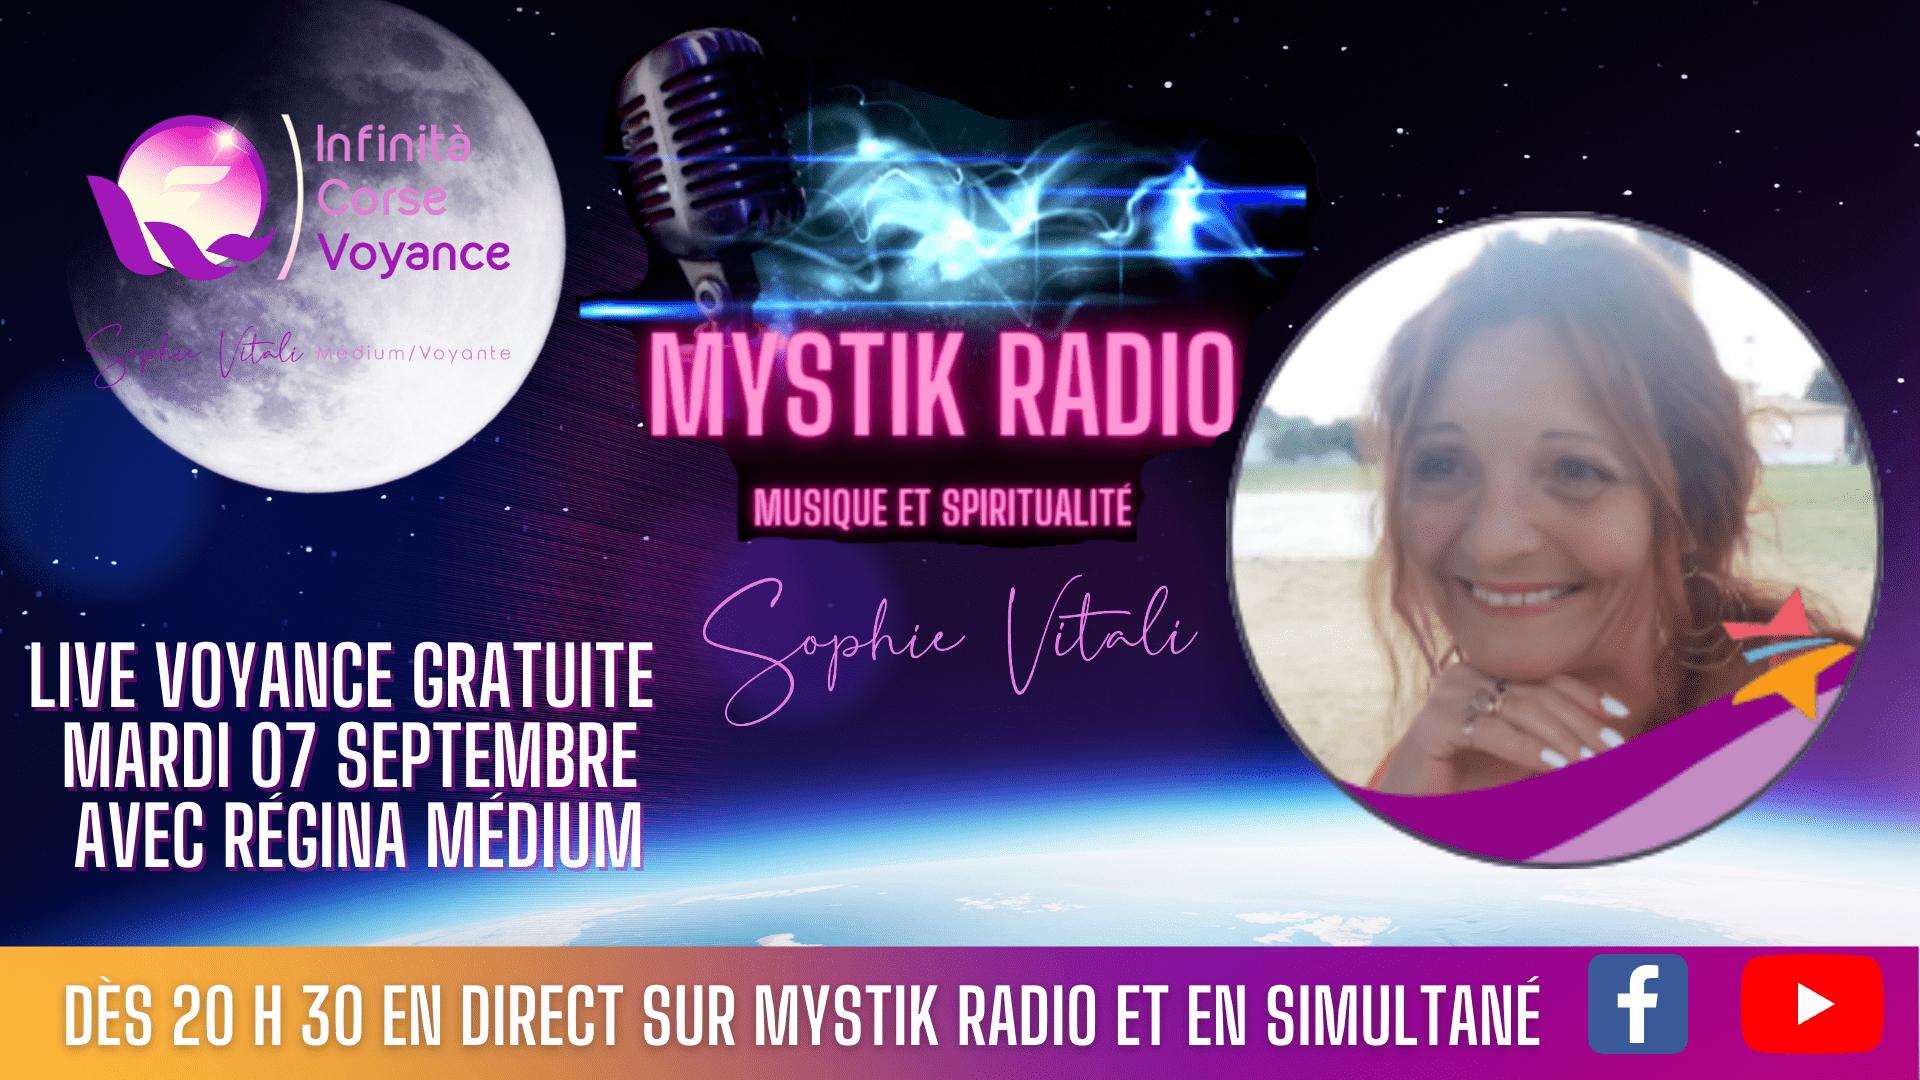 Voyance gratuite par téléphone avec Régina médium cartomancienne mardi 07 septembre sur Mystik Radio présentée par Sophie Vitali